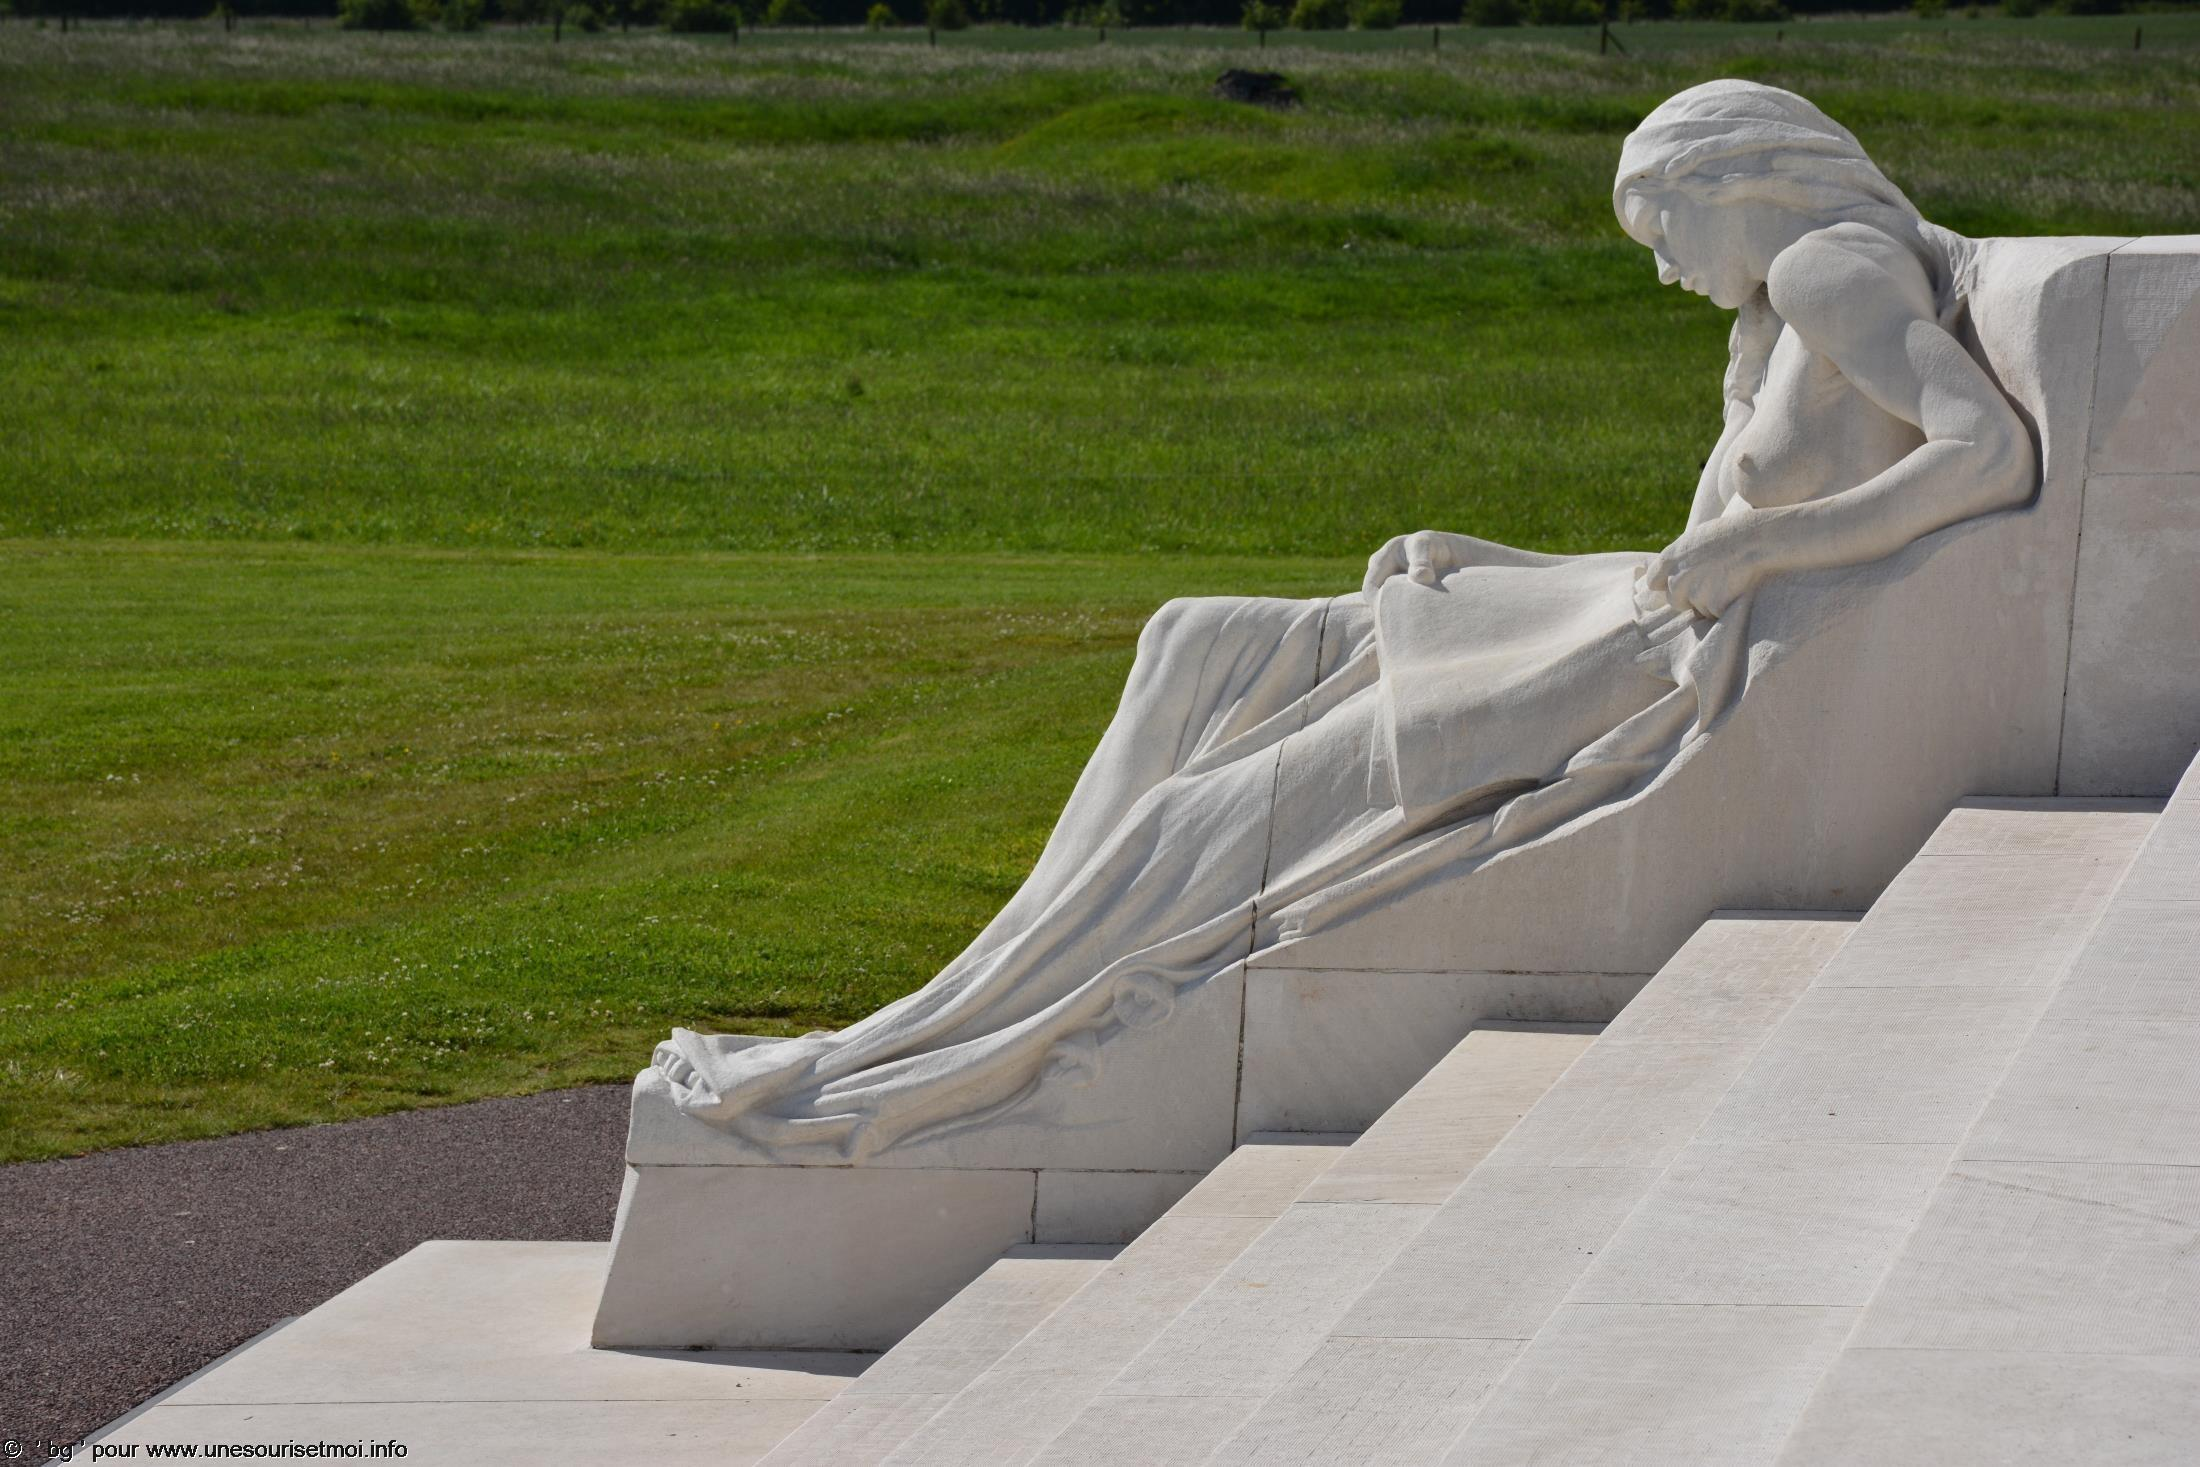 statues-et-sculptures-premiere-guerre-mondiale-le-parc-et-le-memorial-canadien-de-vimy_5